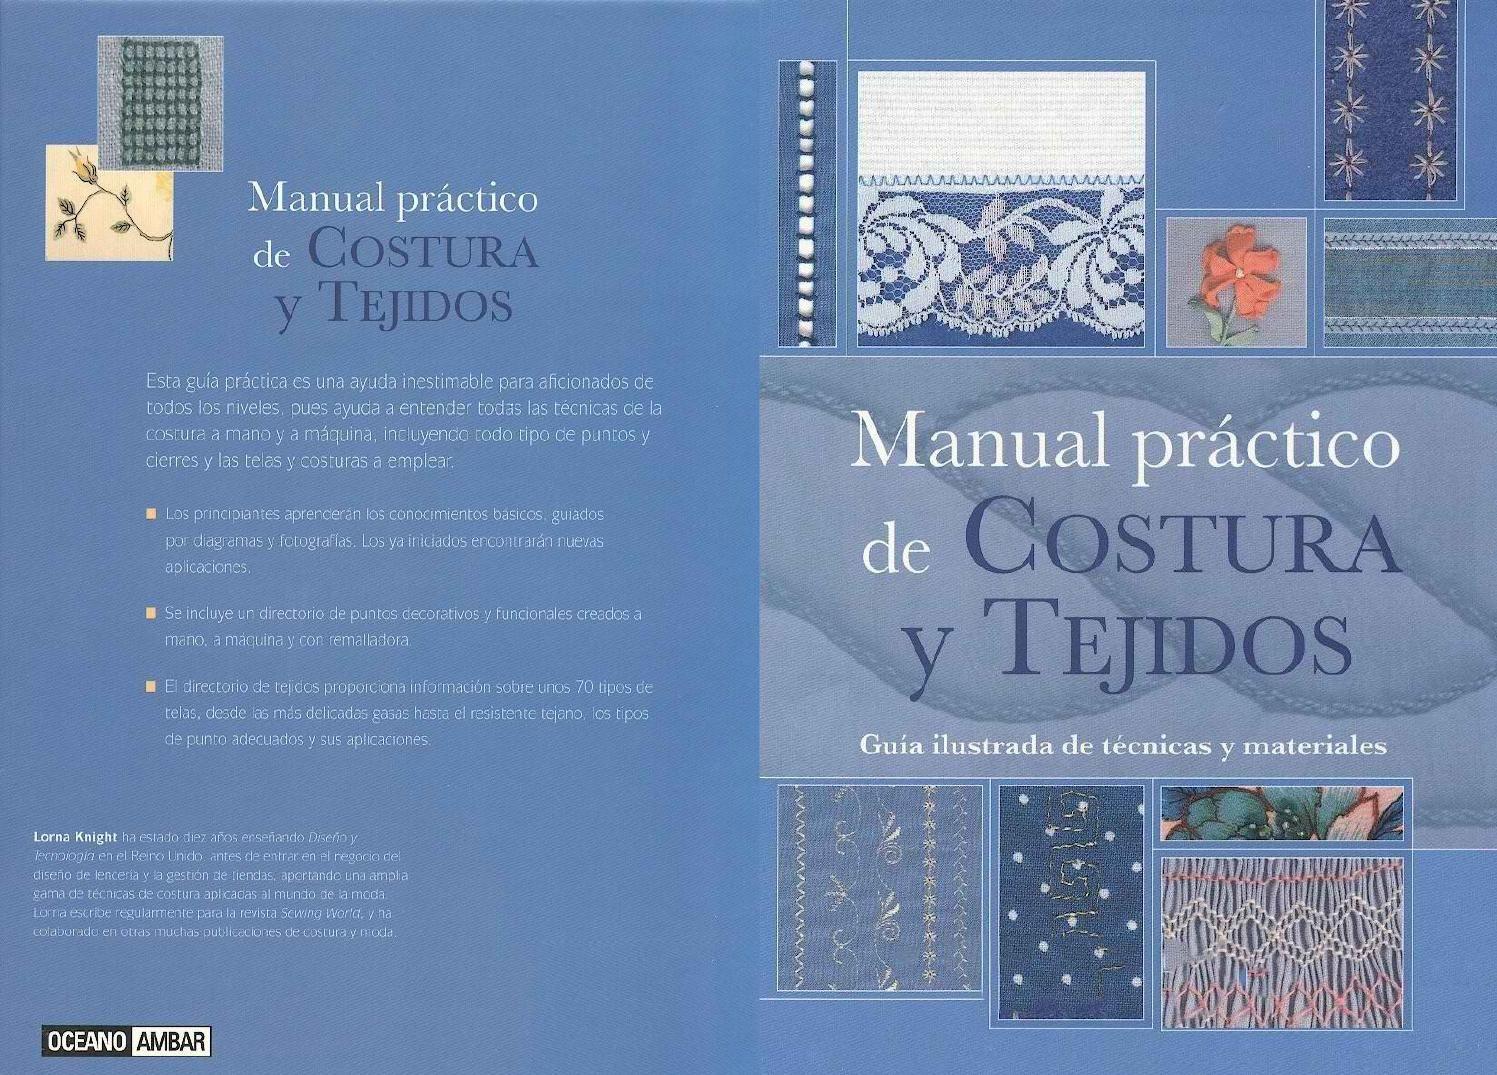 Tecnica manual practico de costura y tejidos No esta entero Download